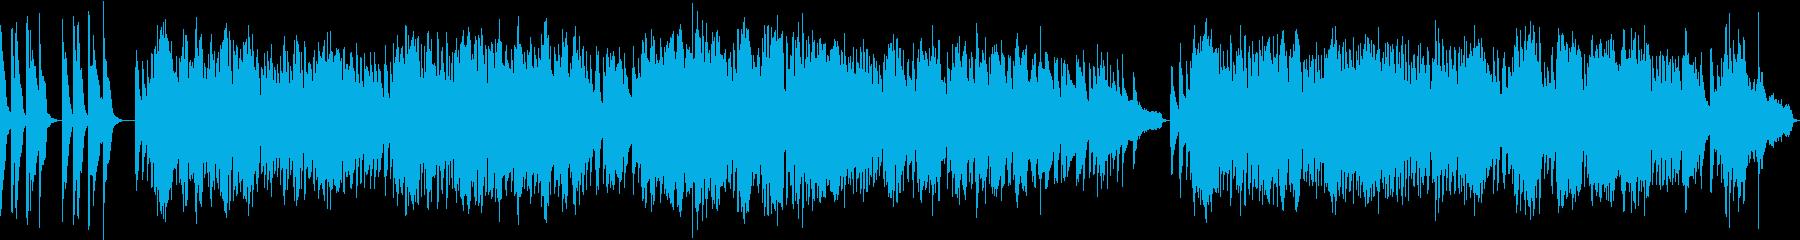 遺作/ショパン・ソフトピアノの再生済みの波形